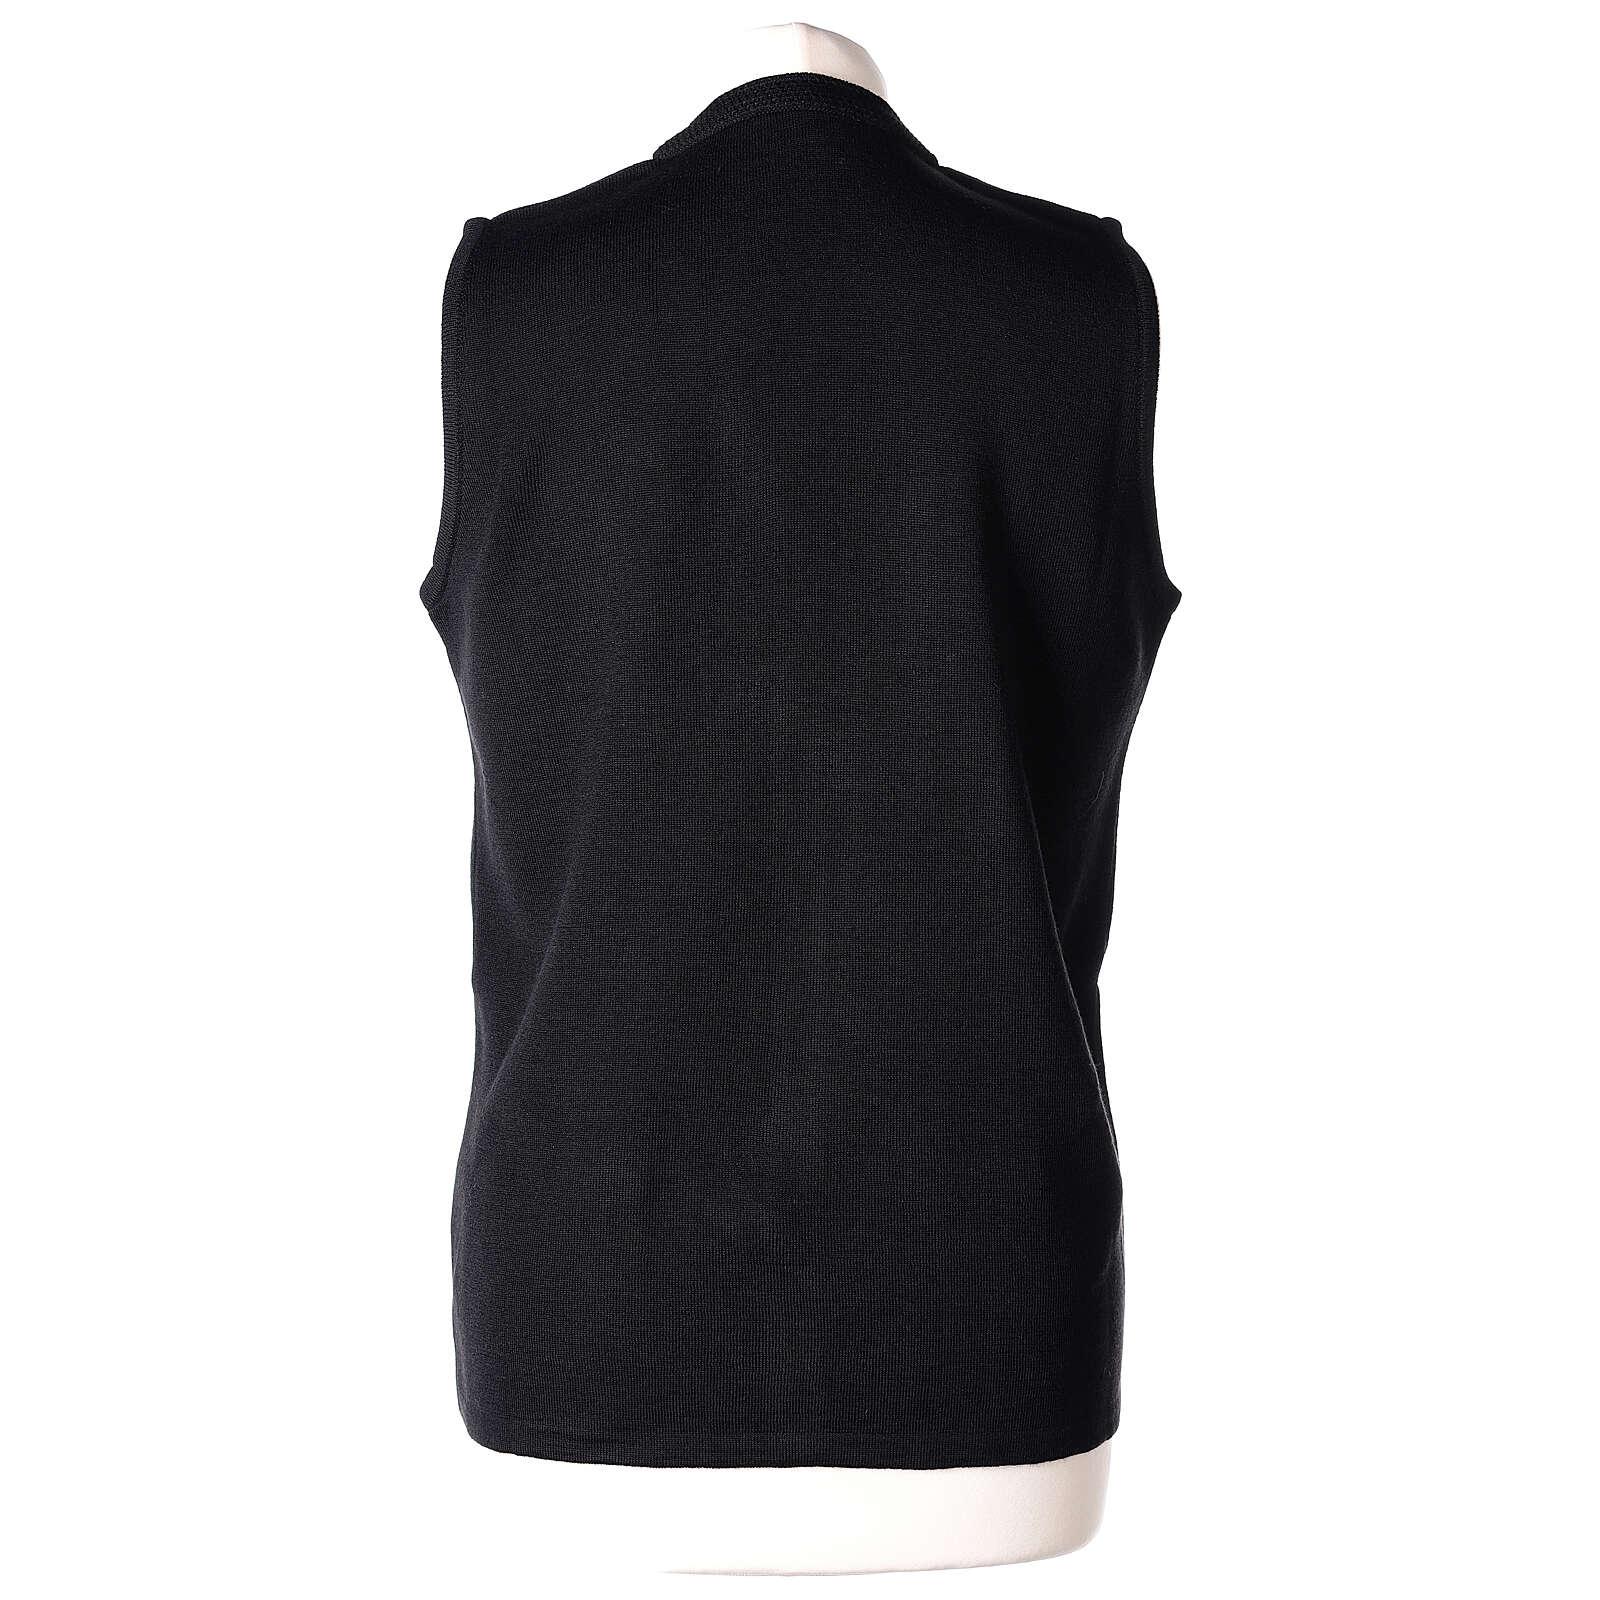 Chaleco negro monja con bolsillos cuello V 50% acrílico 50% lana merina In Primis 4